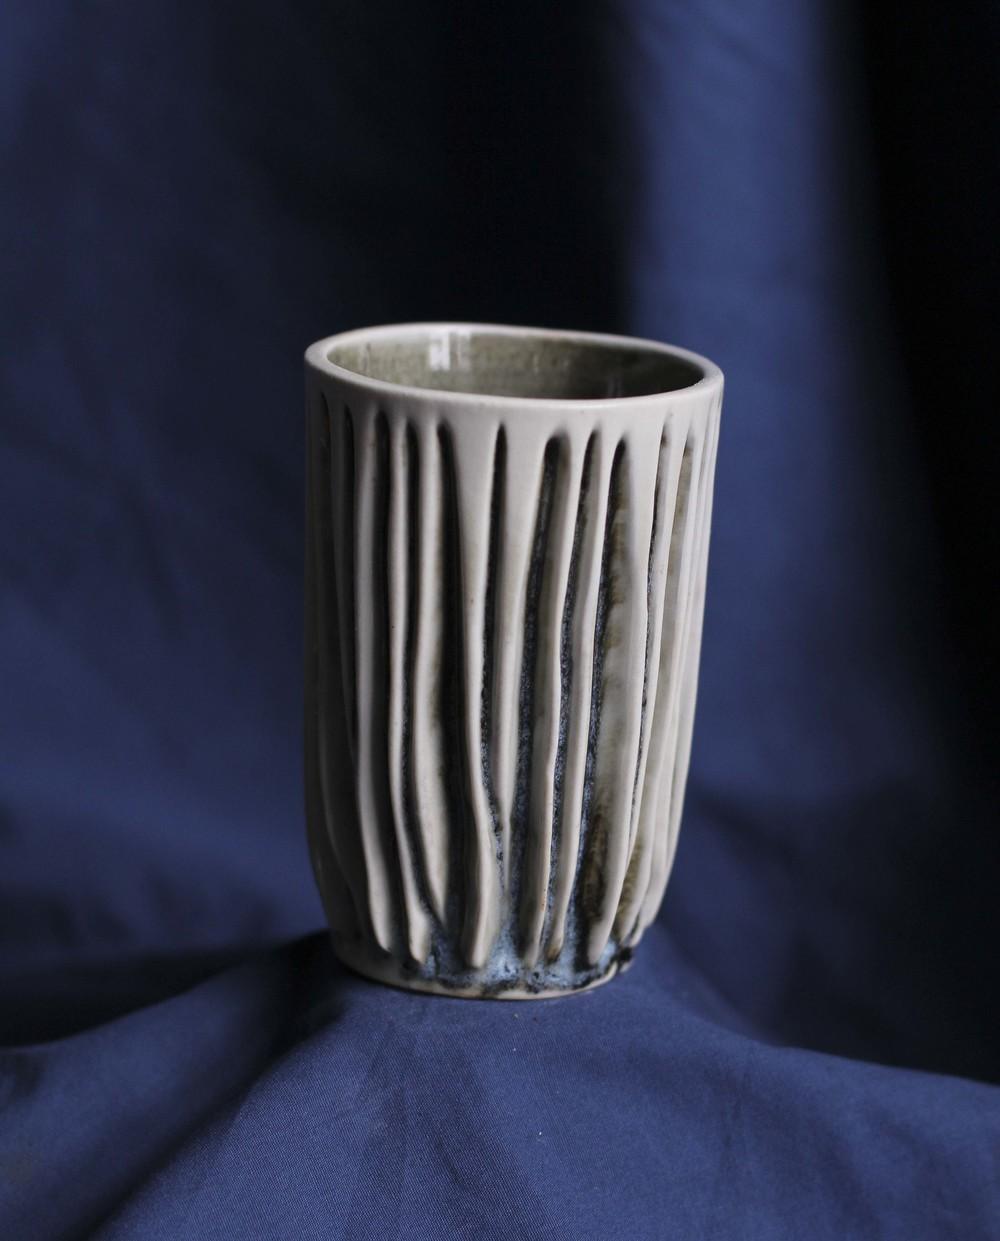 4.5x3, 2014, White Stoneware